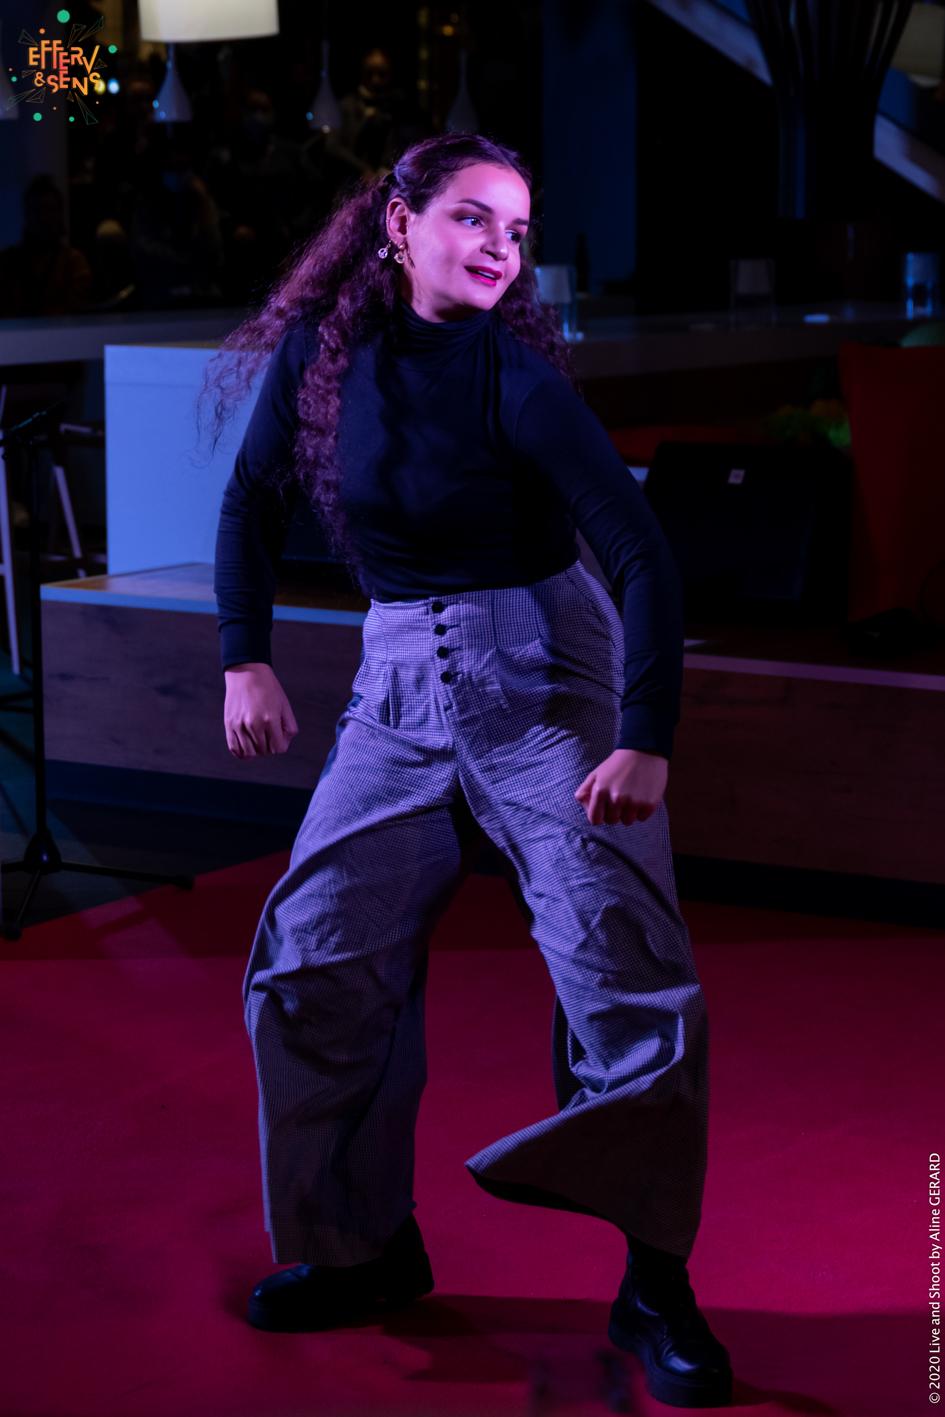 Hajare Akiri_Stand Up - Cabaret des Curiosités_Efferv&Sens à Poitiers